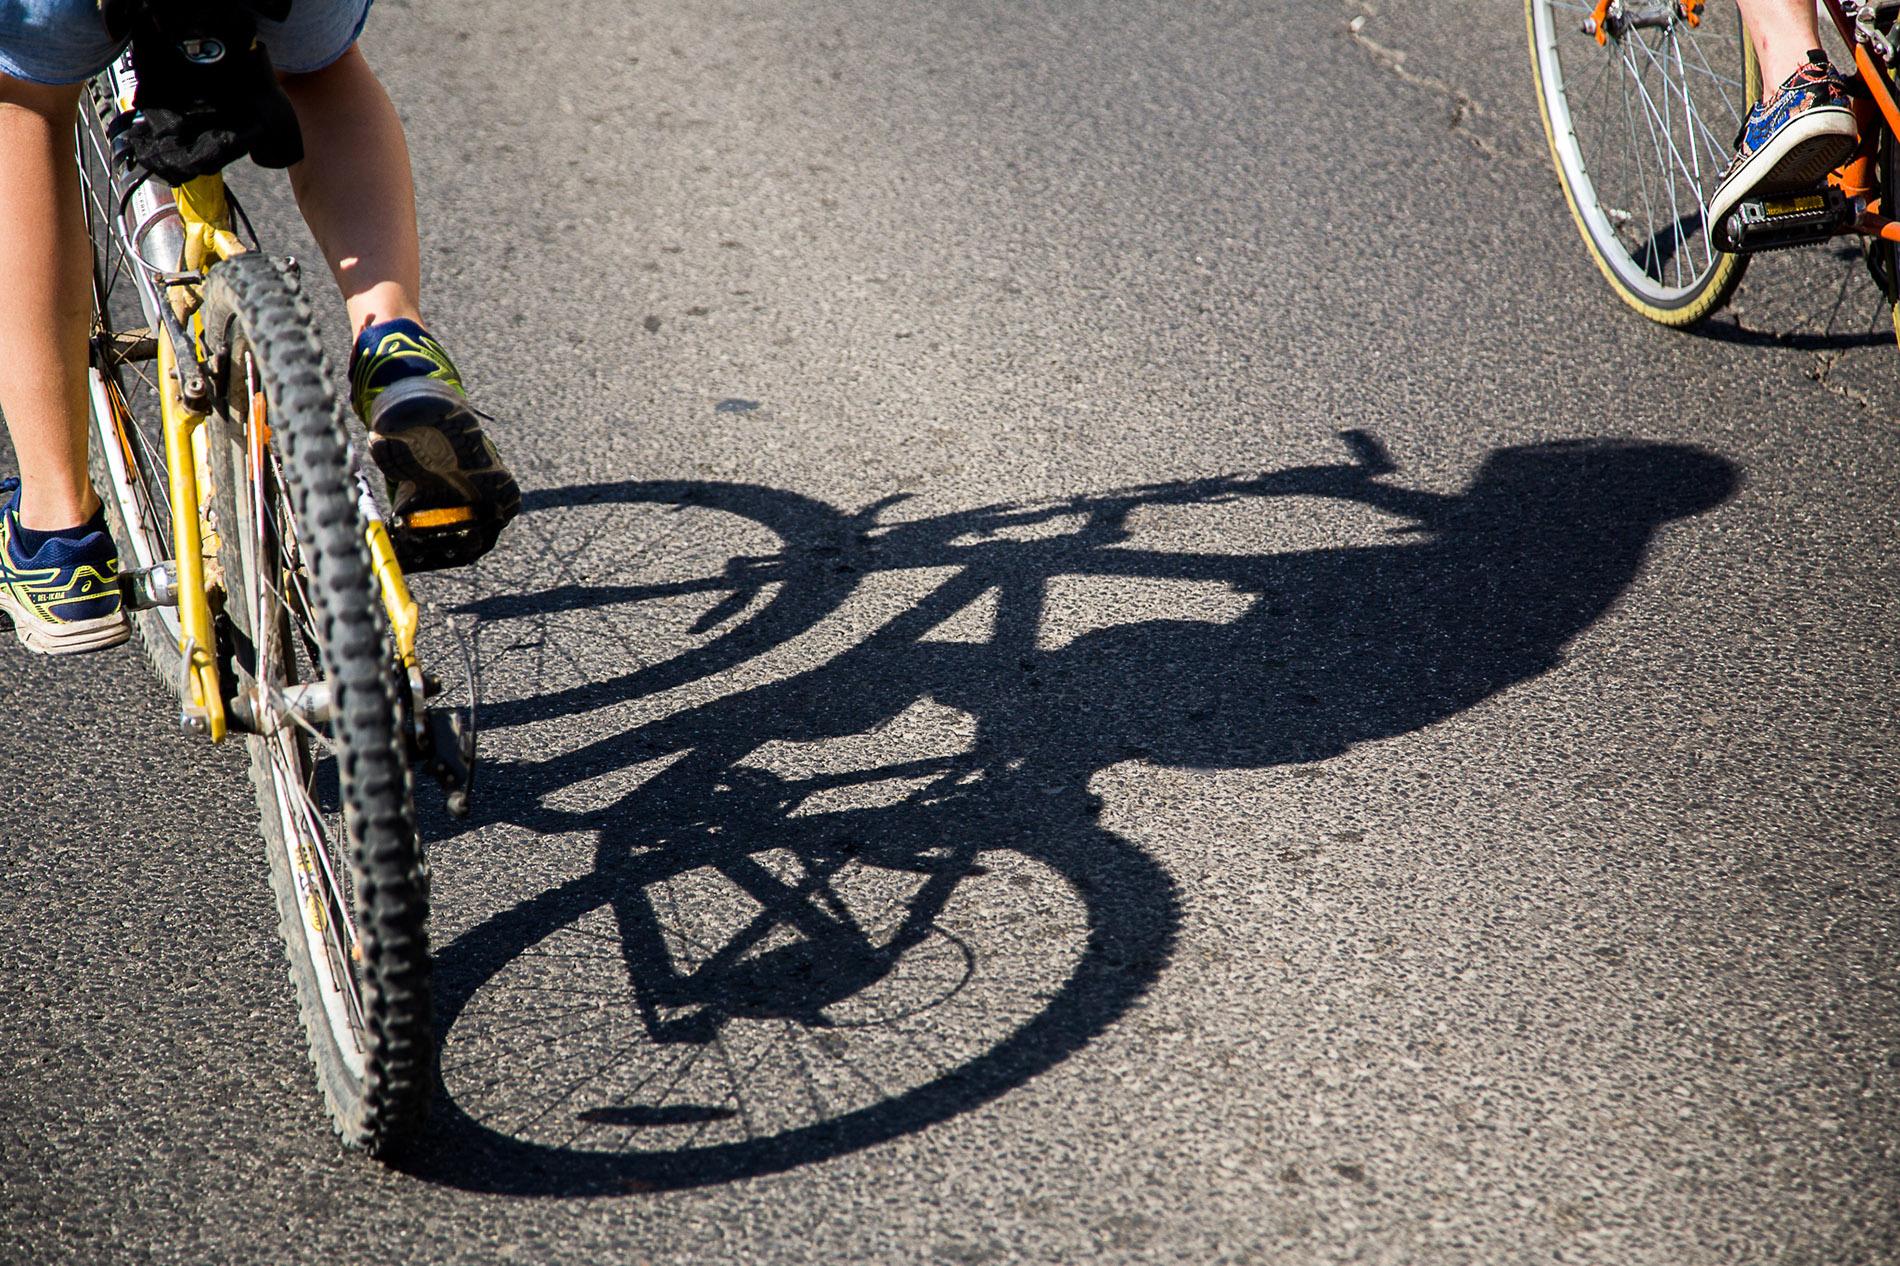 Környezetpszichológiai kutatásokkal segíthetjük a kerékpározás terjedését